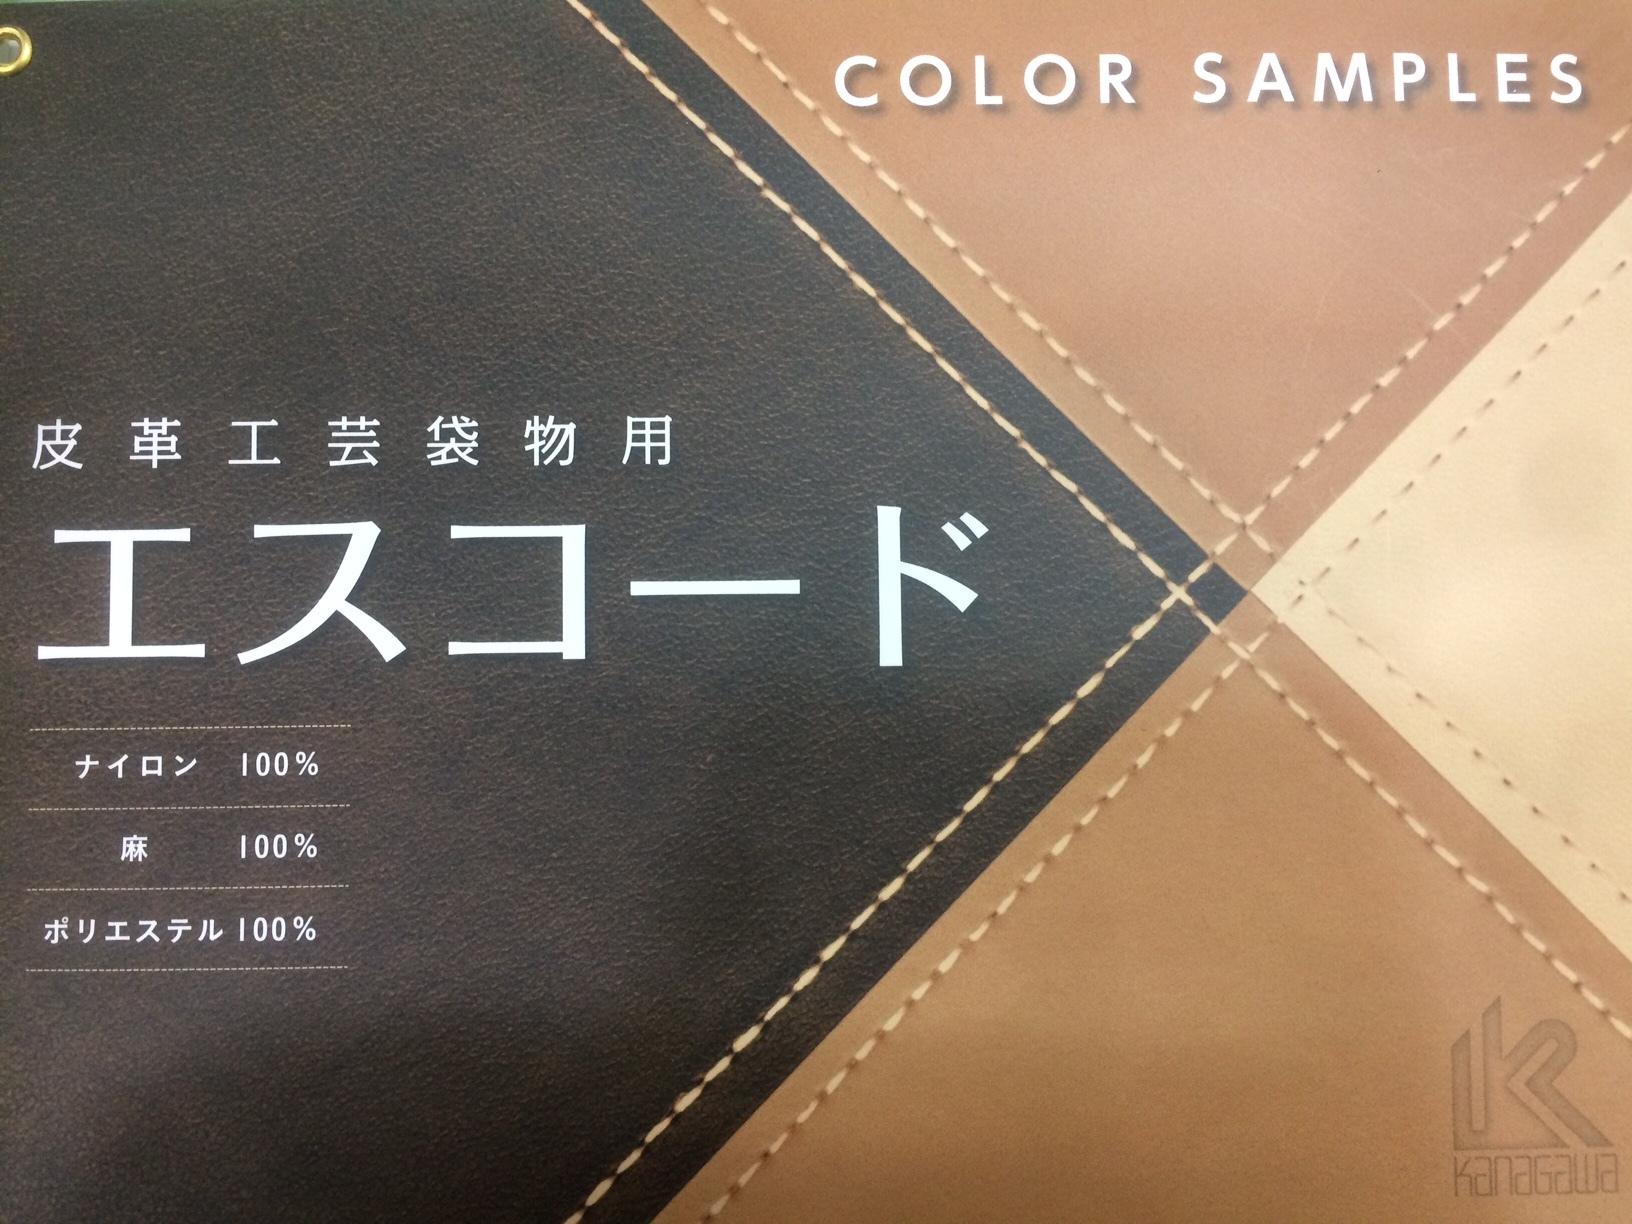 エスコード ミシン糸 レザー 皮革用 20番手 全カラー 200m